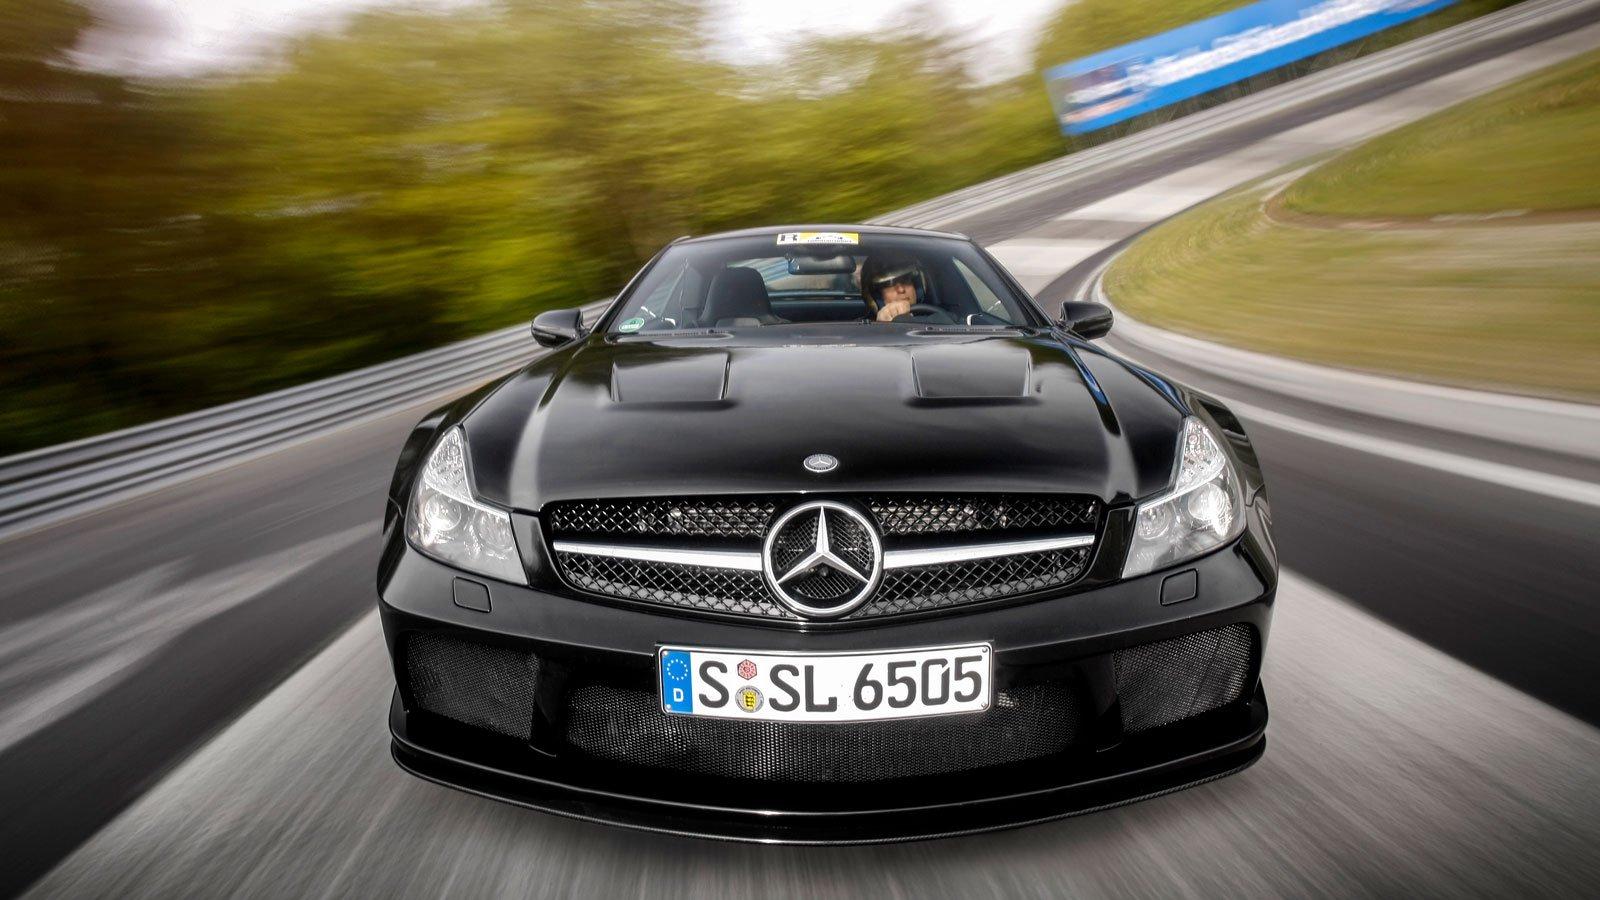 Denna bilden på en SL65 Black Serie plåtad i Karusellen på Nürburgring är tagen med hjälp av en stativrigg där man riktat kameran mot bilen.